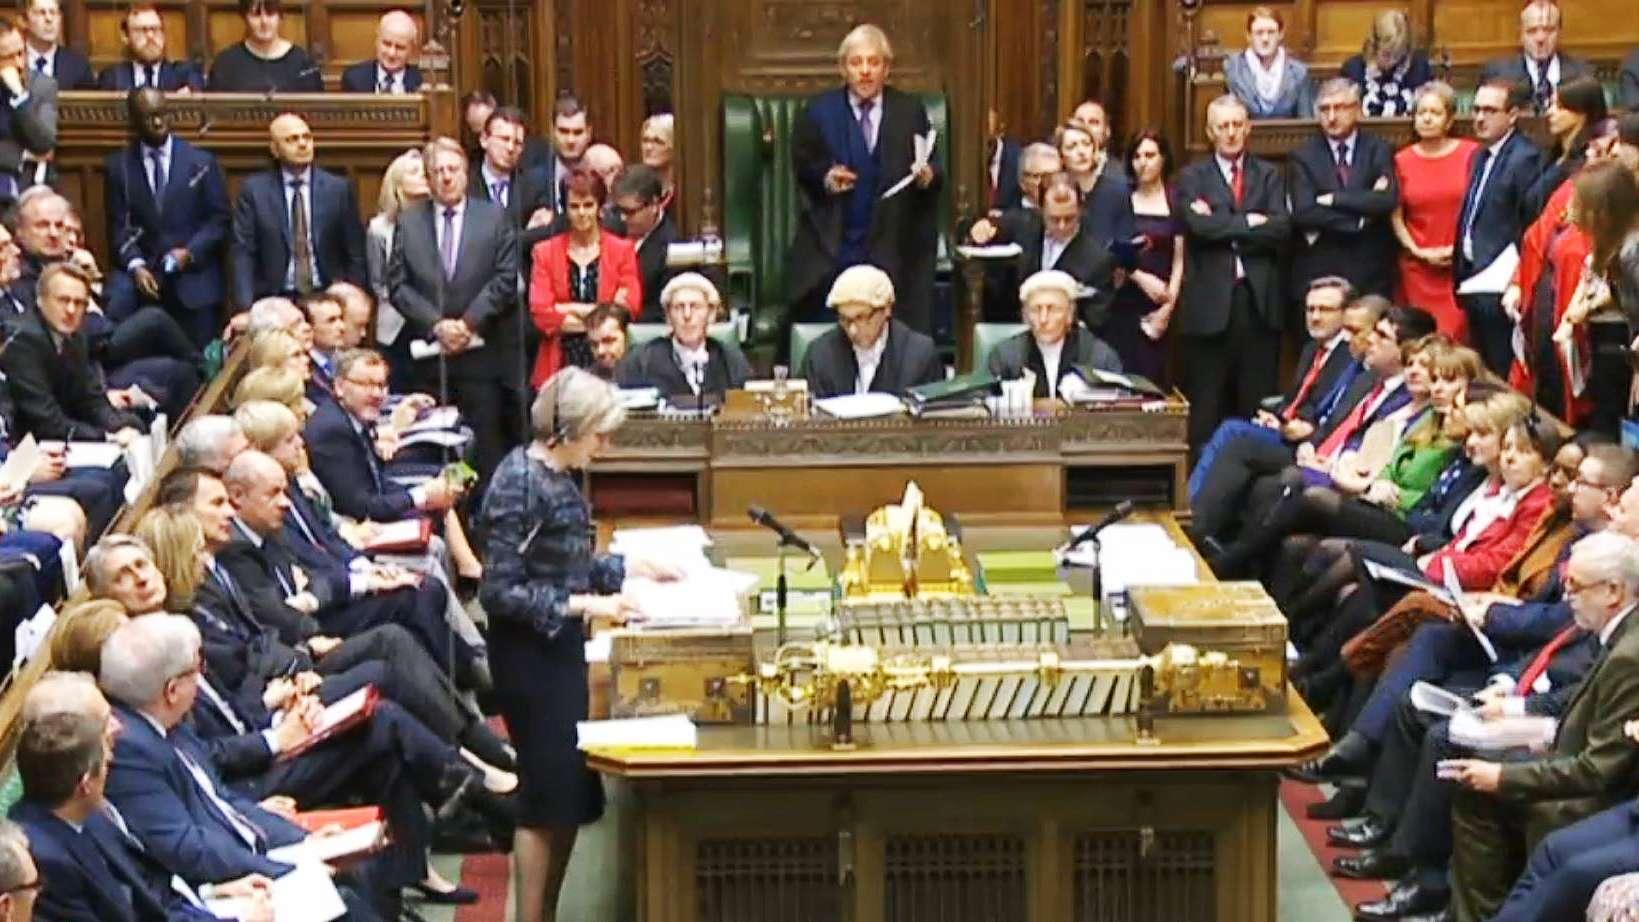 Premierministerin May spricht im Unterhaus